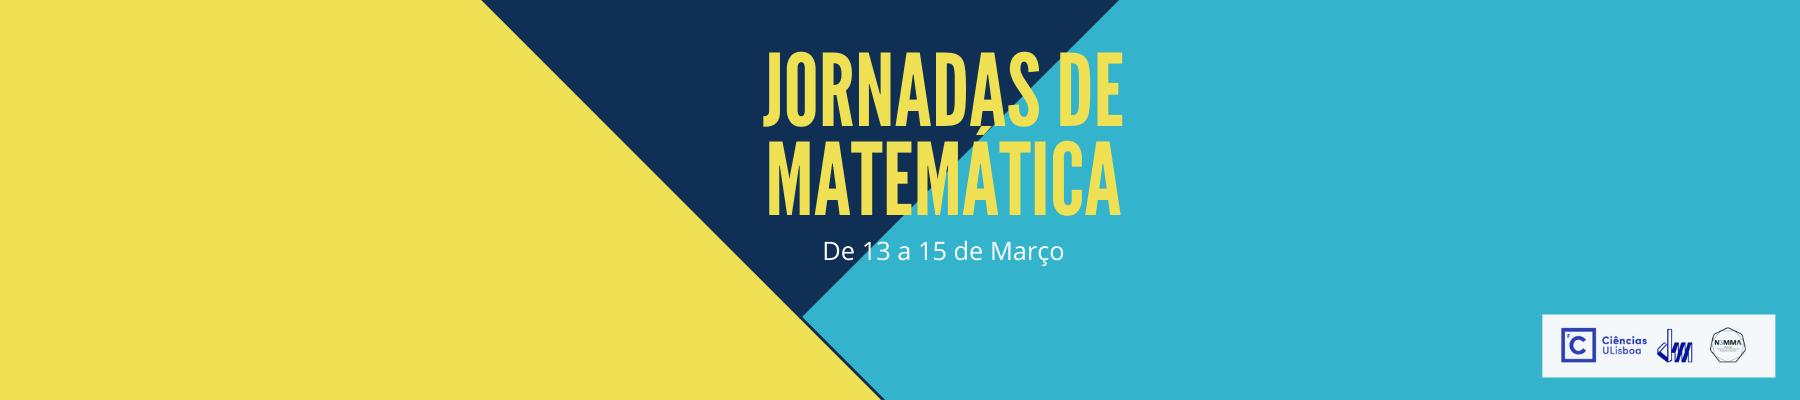 Jornadas de Matemática em Ciências